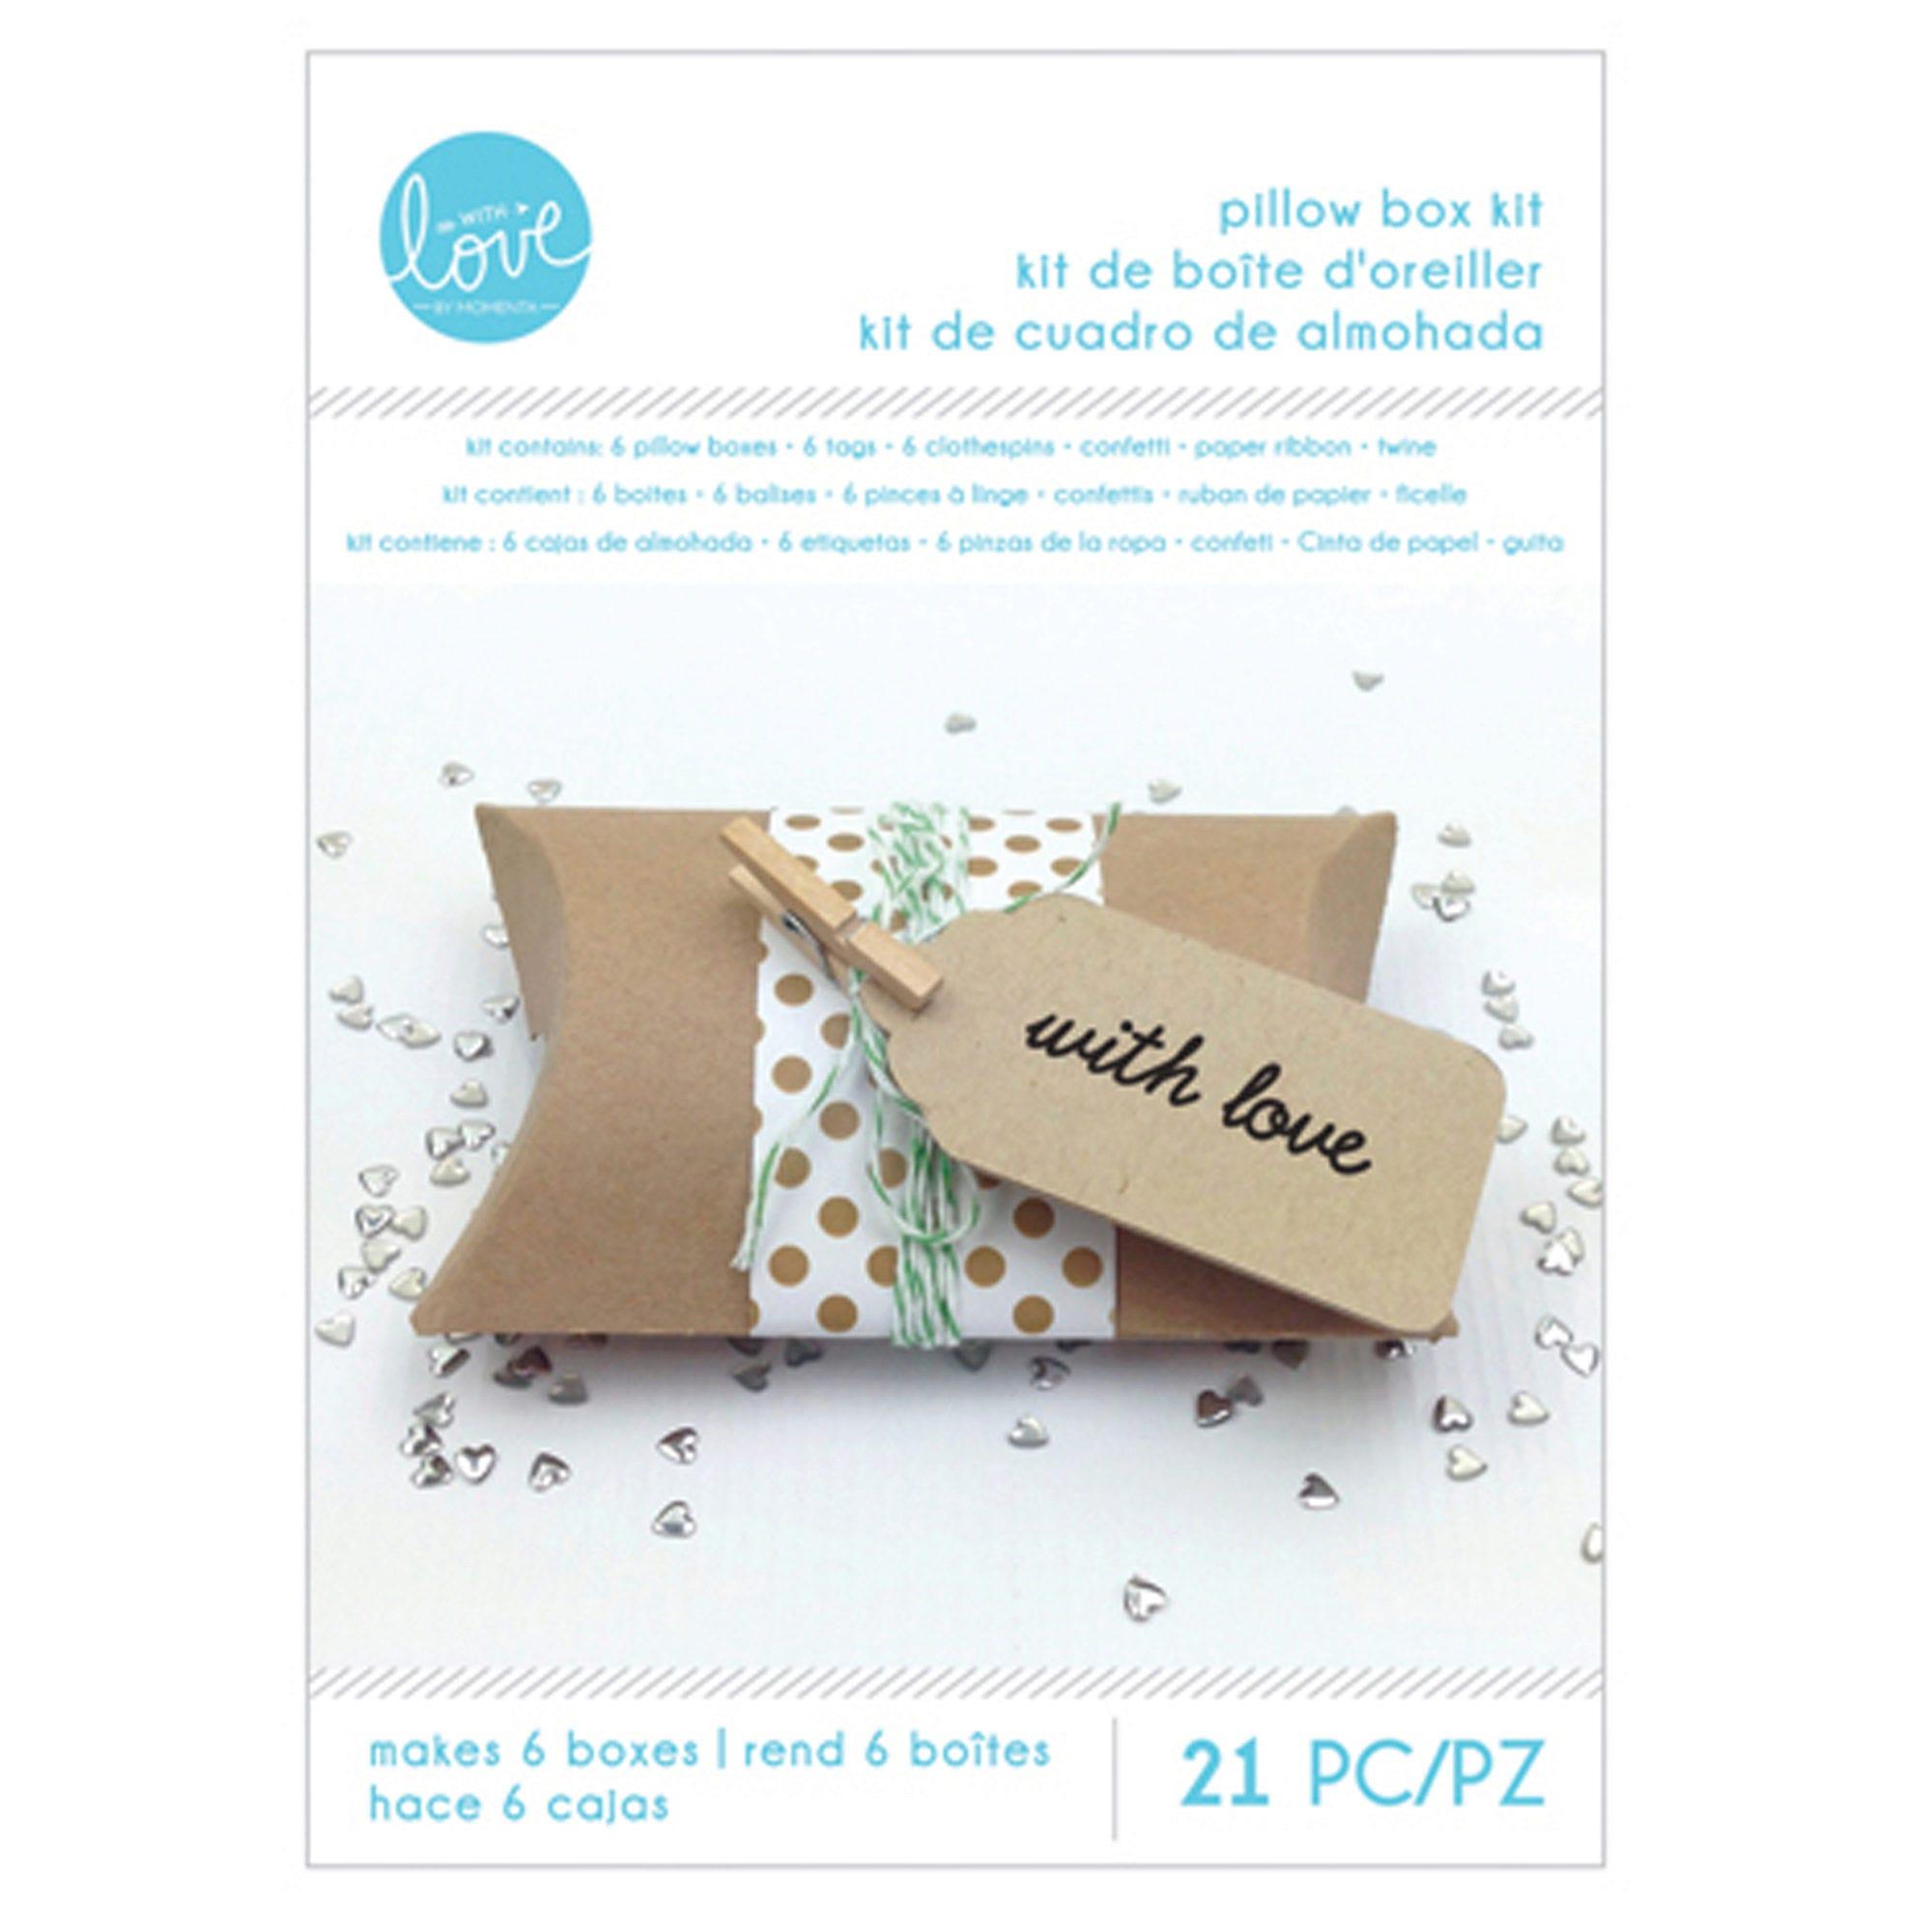 polka-dot-PILLOW-gift-box-making-kit